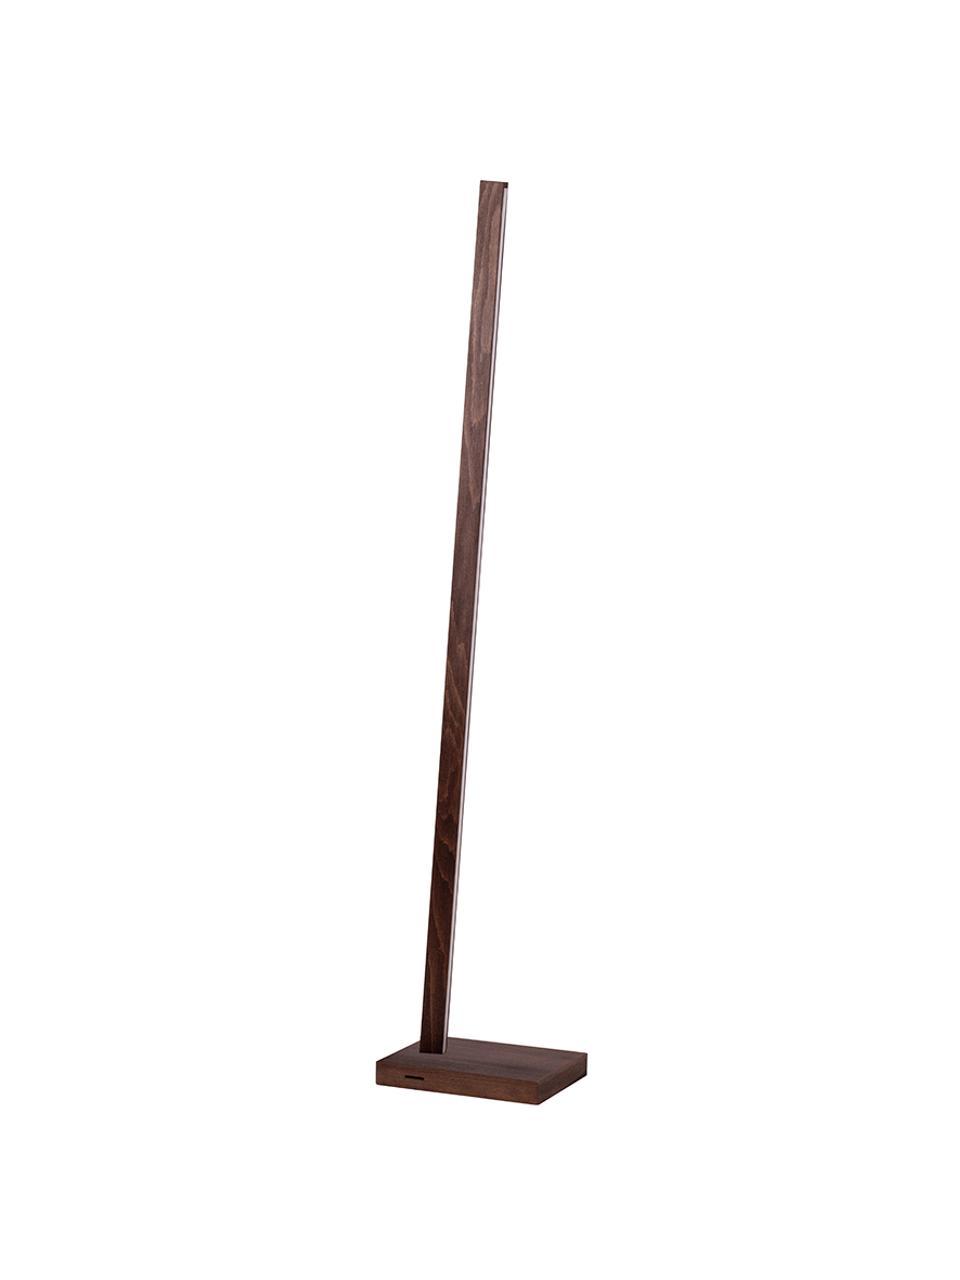 Lampa podłogowa LED z drewna z funkcją przyciemniania Linus, Ciemny brązowy, S 20 x W 150 cm